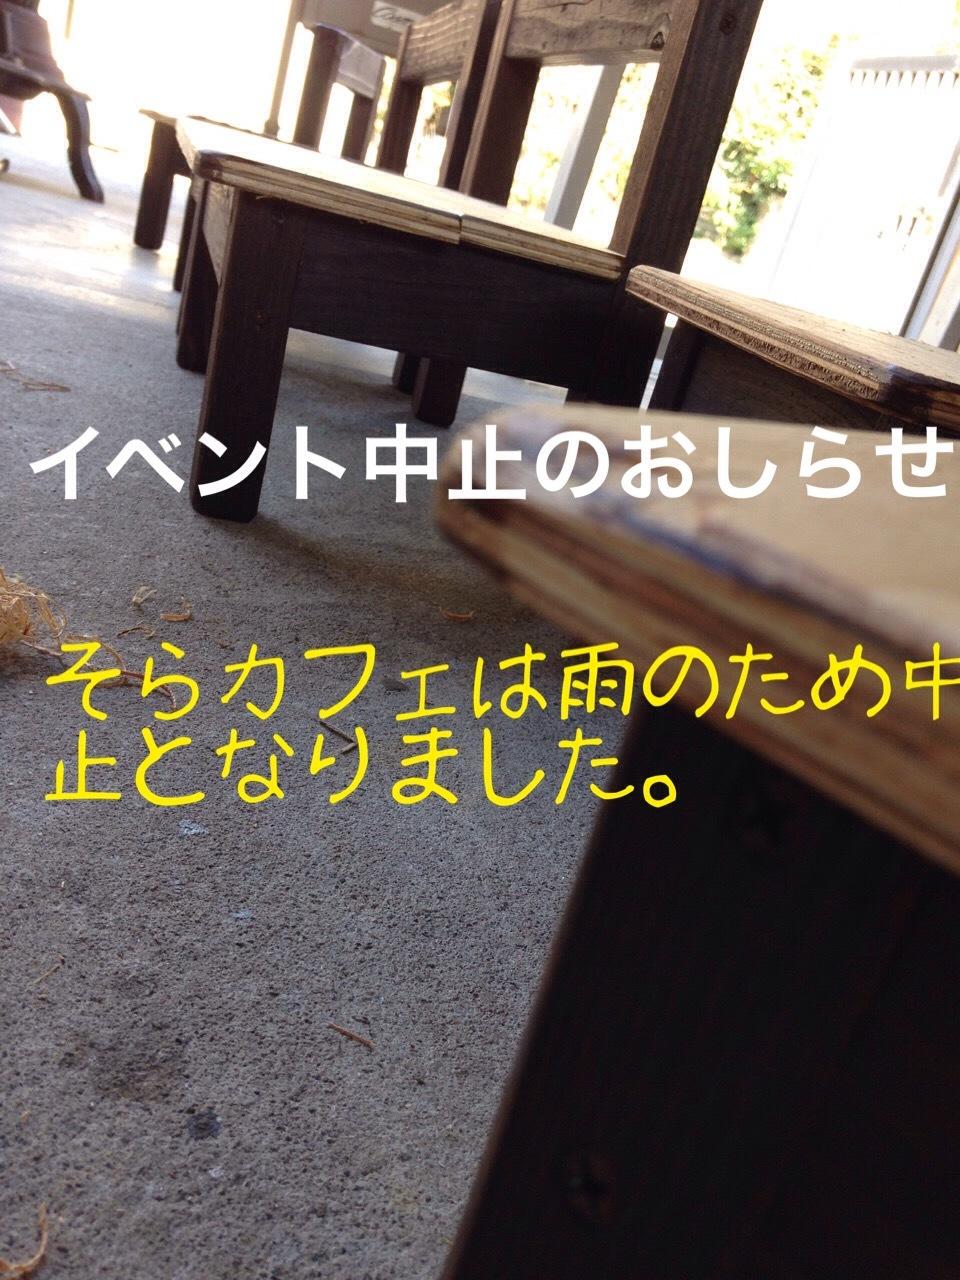 f0347194_20124738.jpg